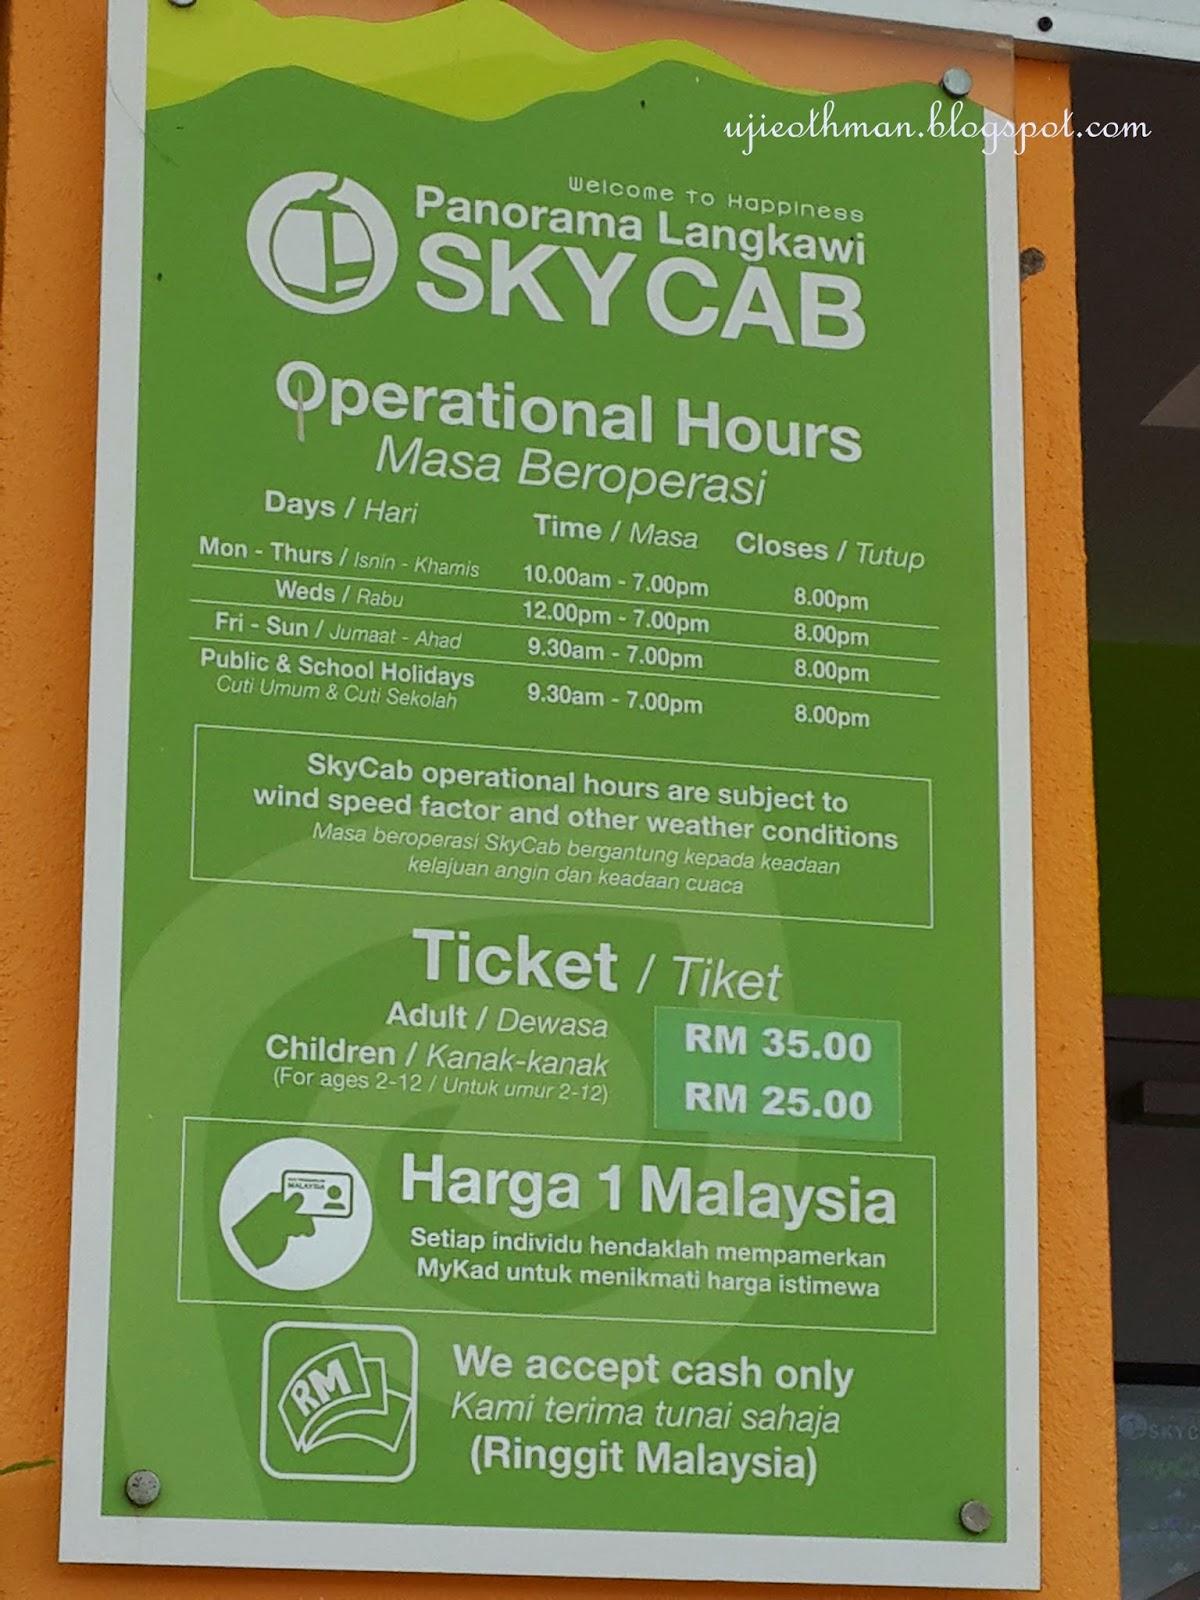 Titian Perjalanan Langkawi Skycab